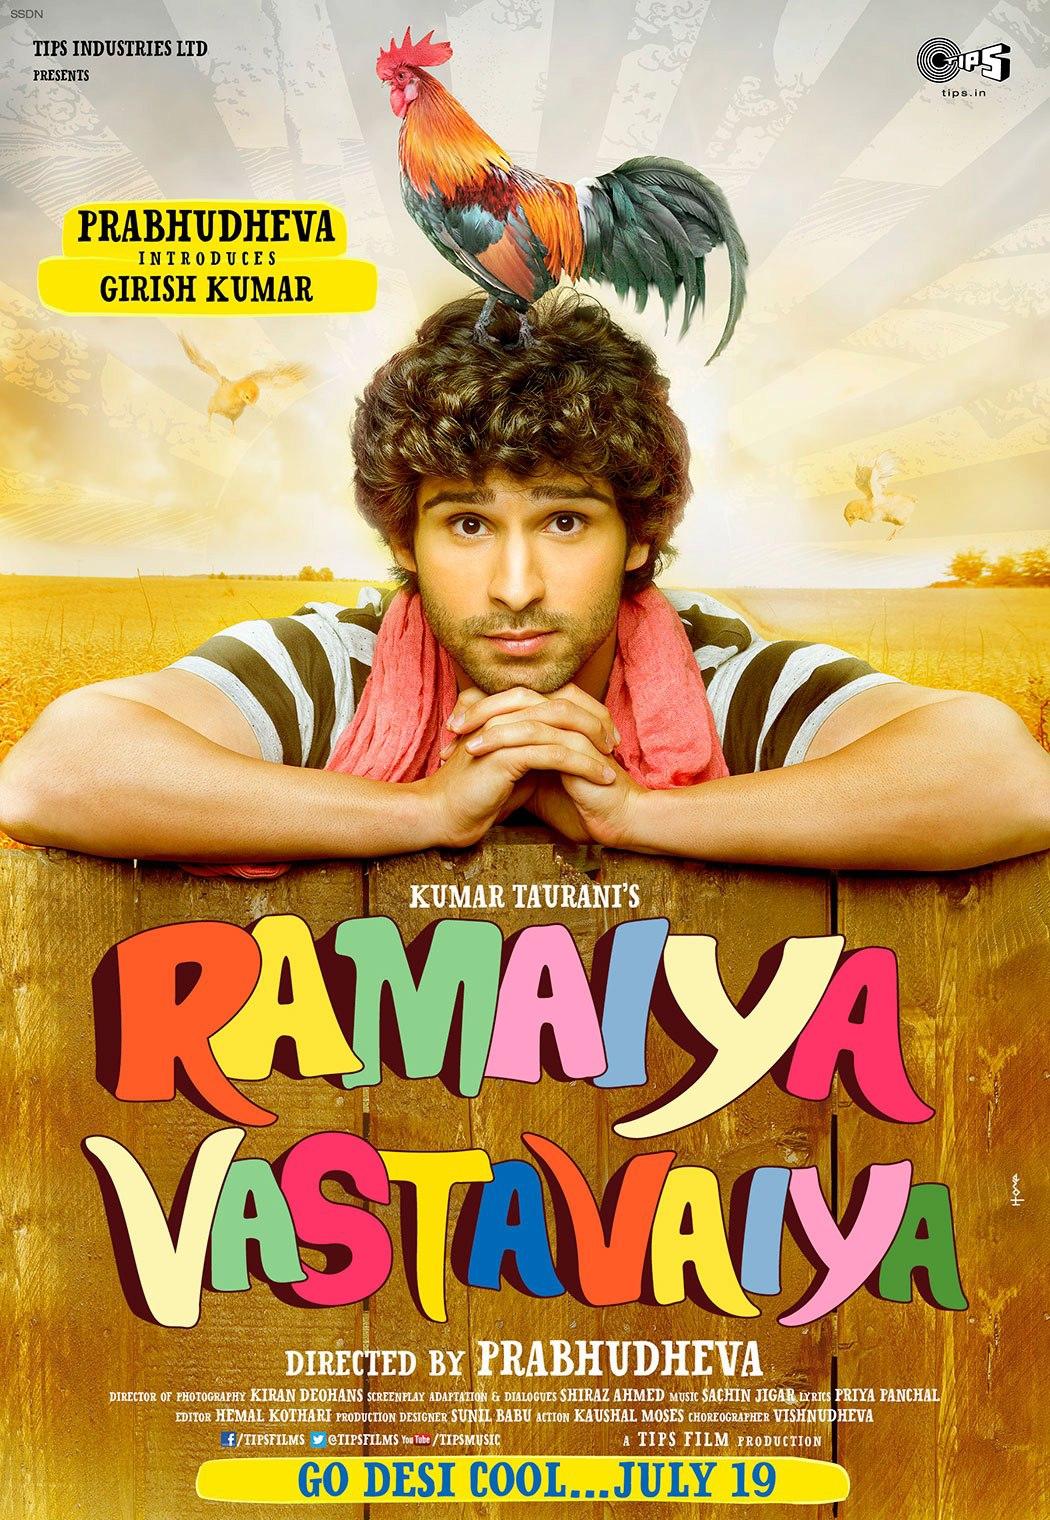 Ramaiya Vastavaiya - Movie Poster #1 (Original)